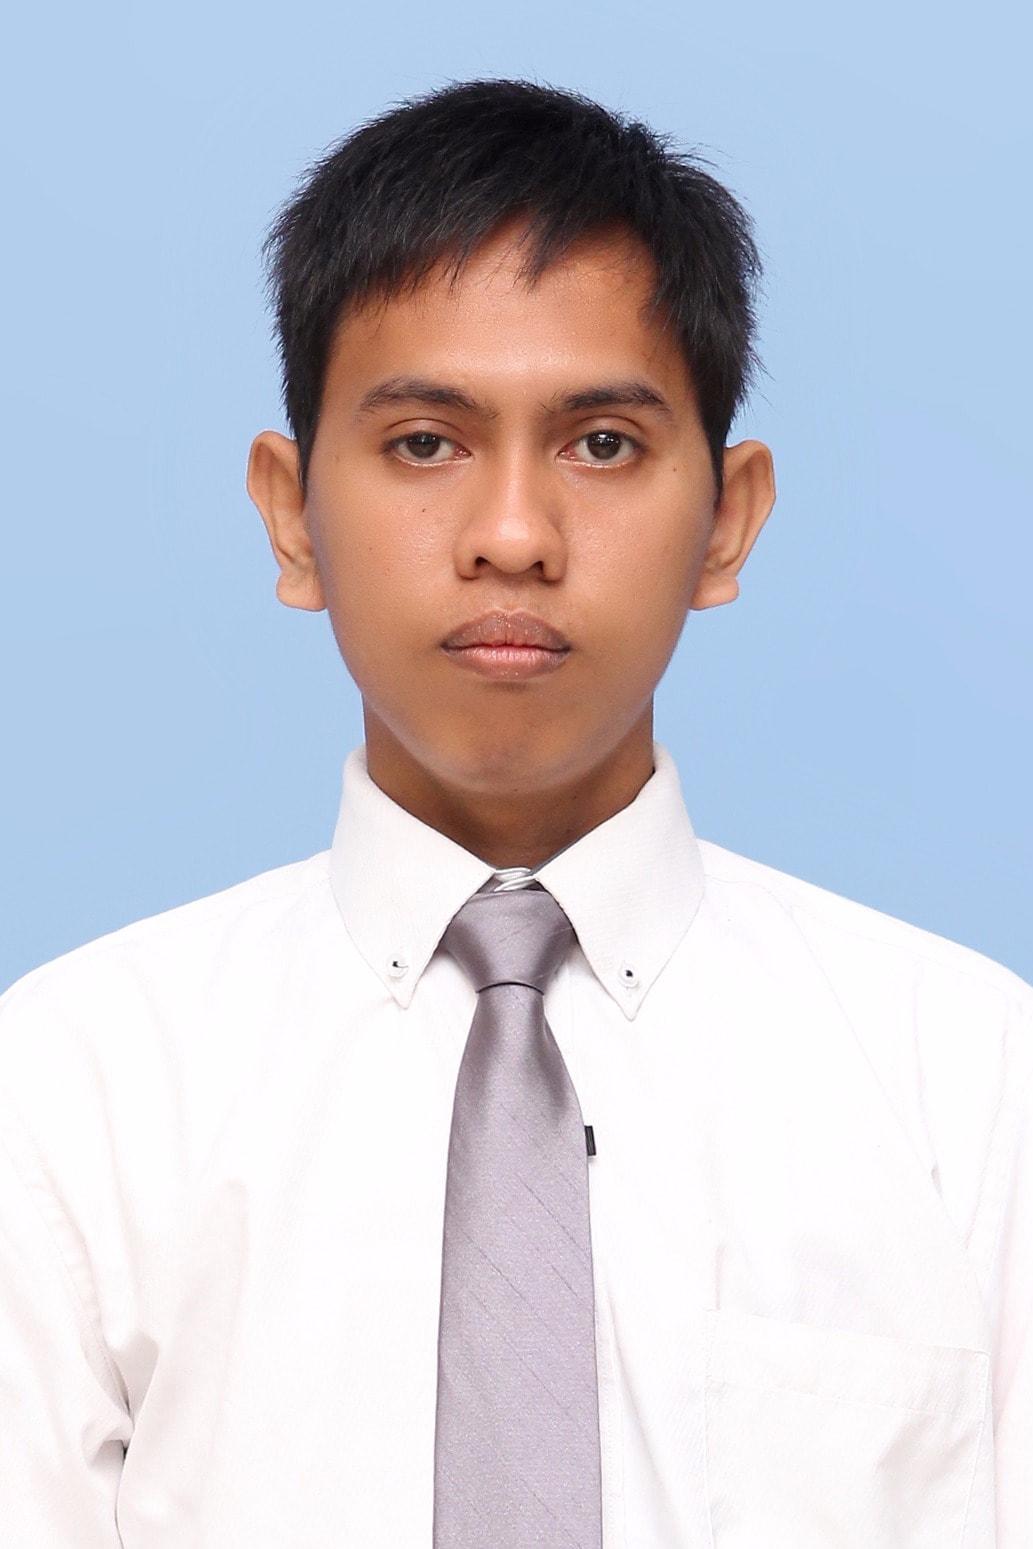 Aditya Maulana Ibrahim